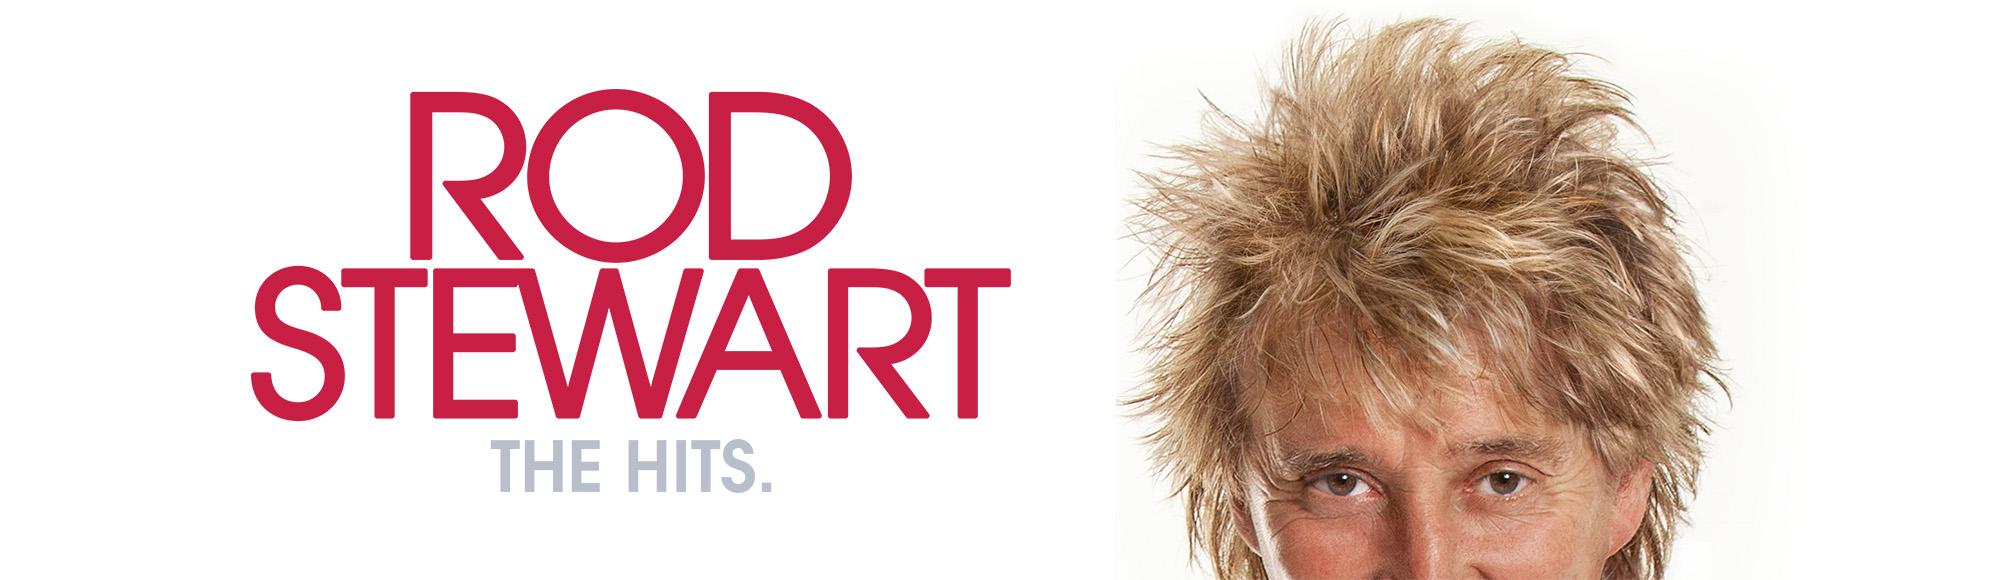 Rod Stewart show